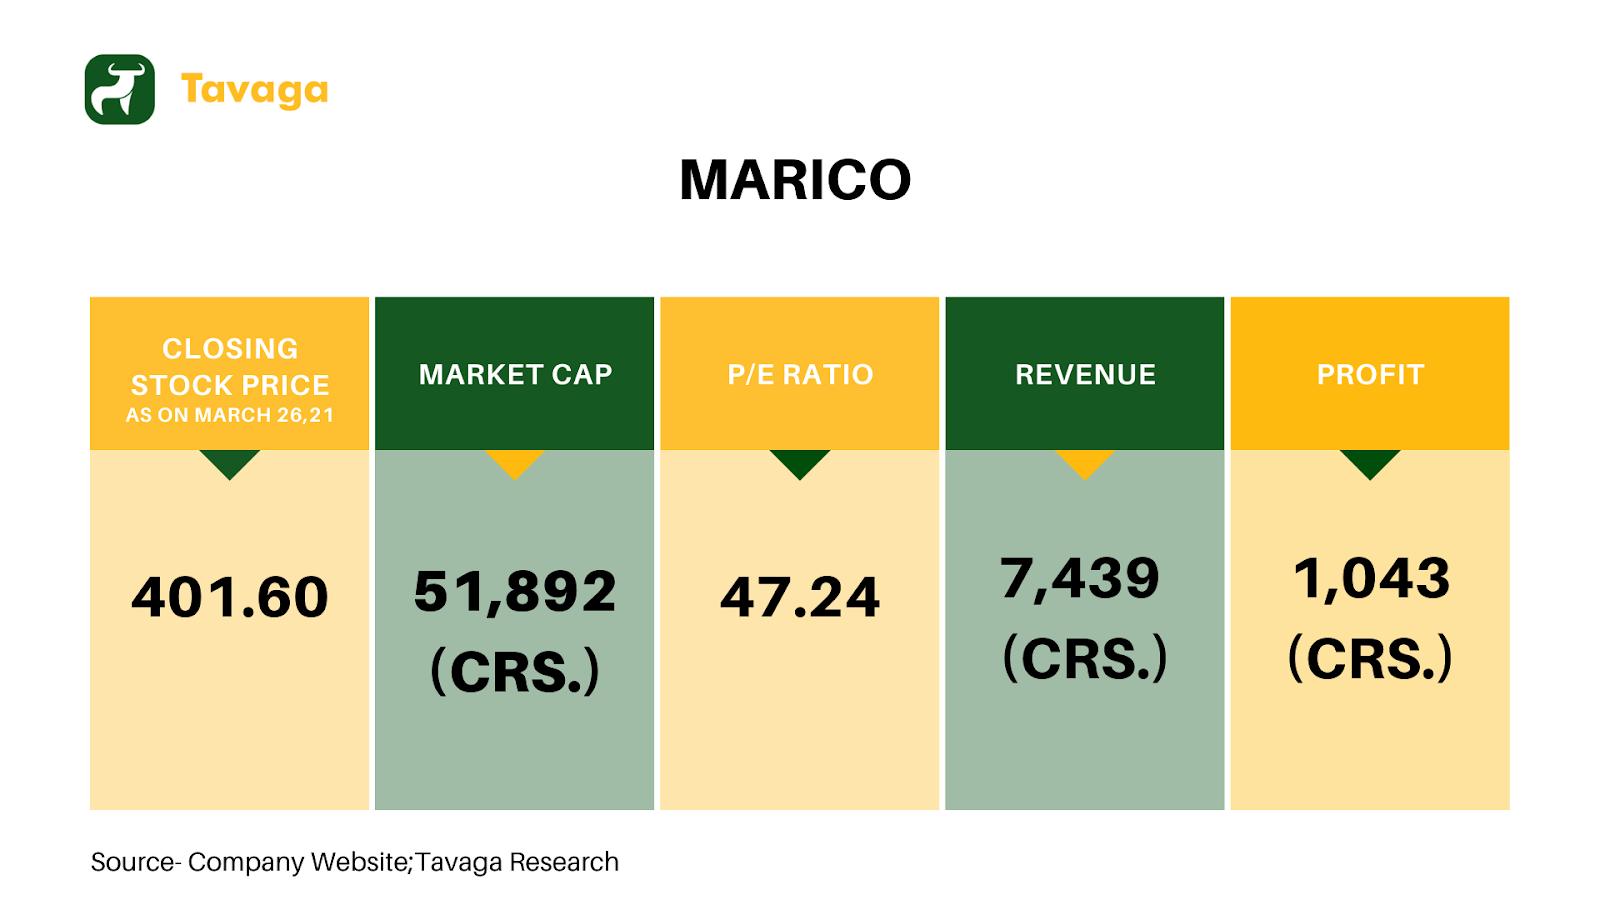 Marico Financials